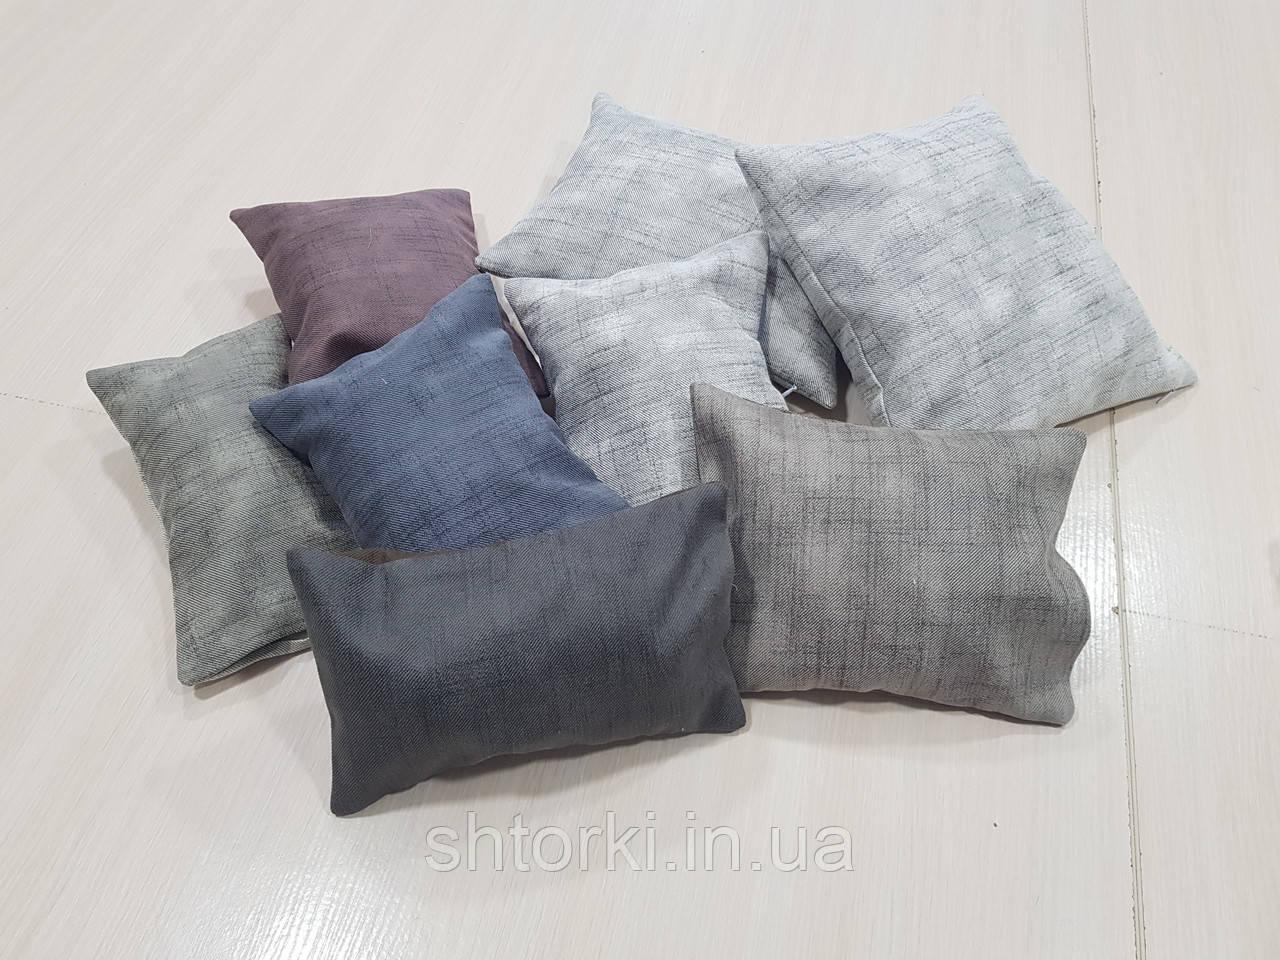 Комплект подушек цветные, 8шт